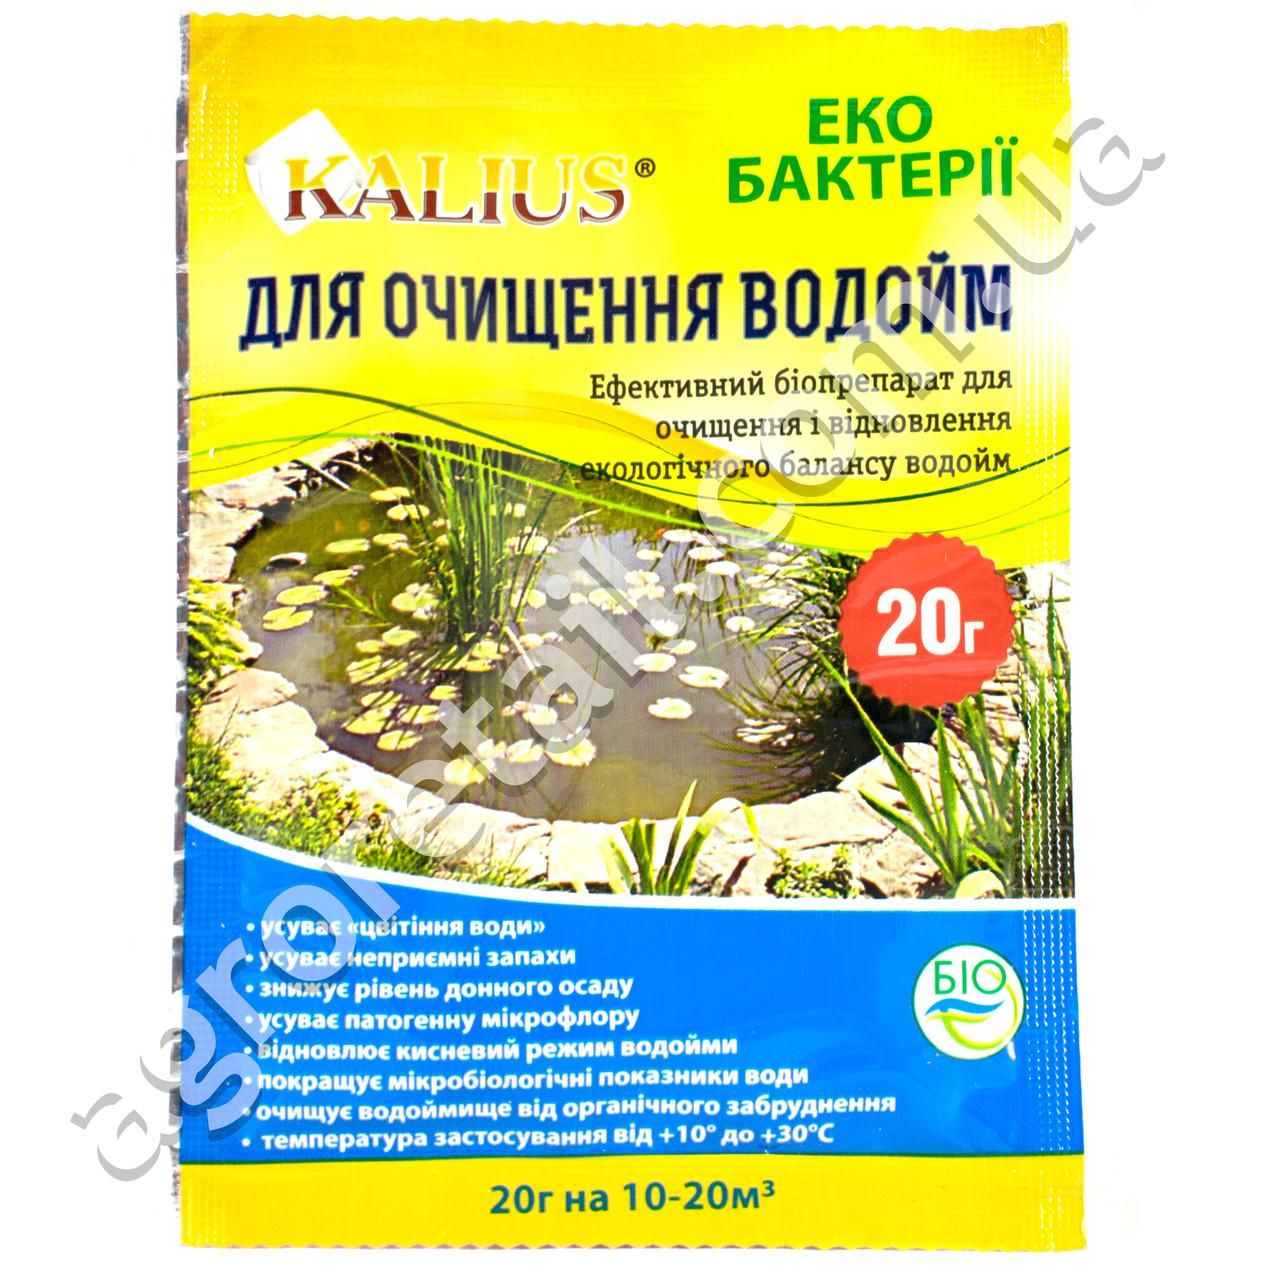 Kalius для очистки водоемов 20 г  - Agroretail.com.ua в Днепропетровской области